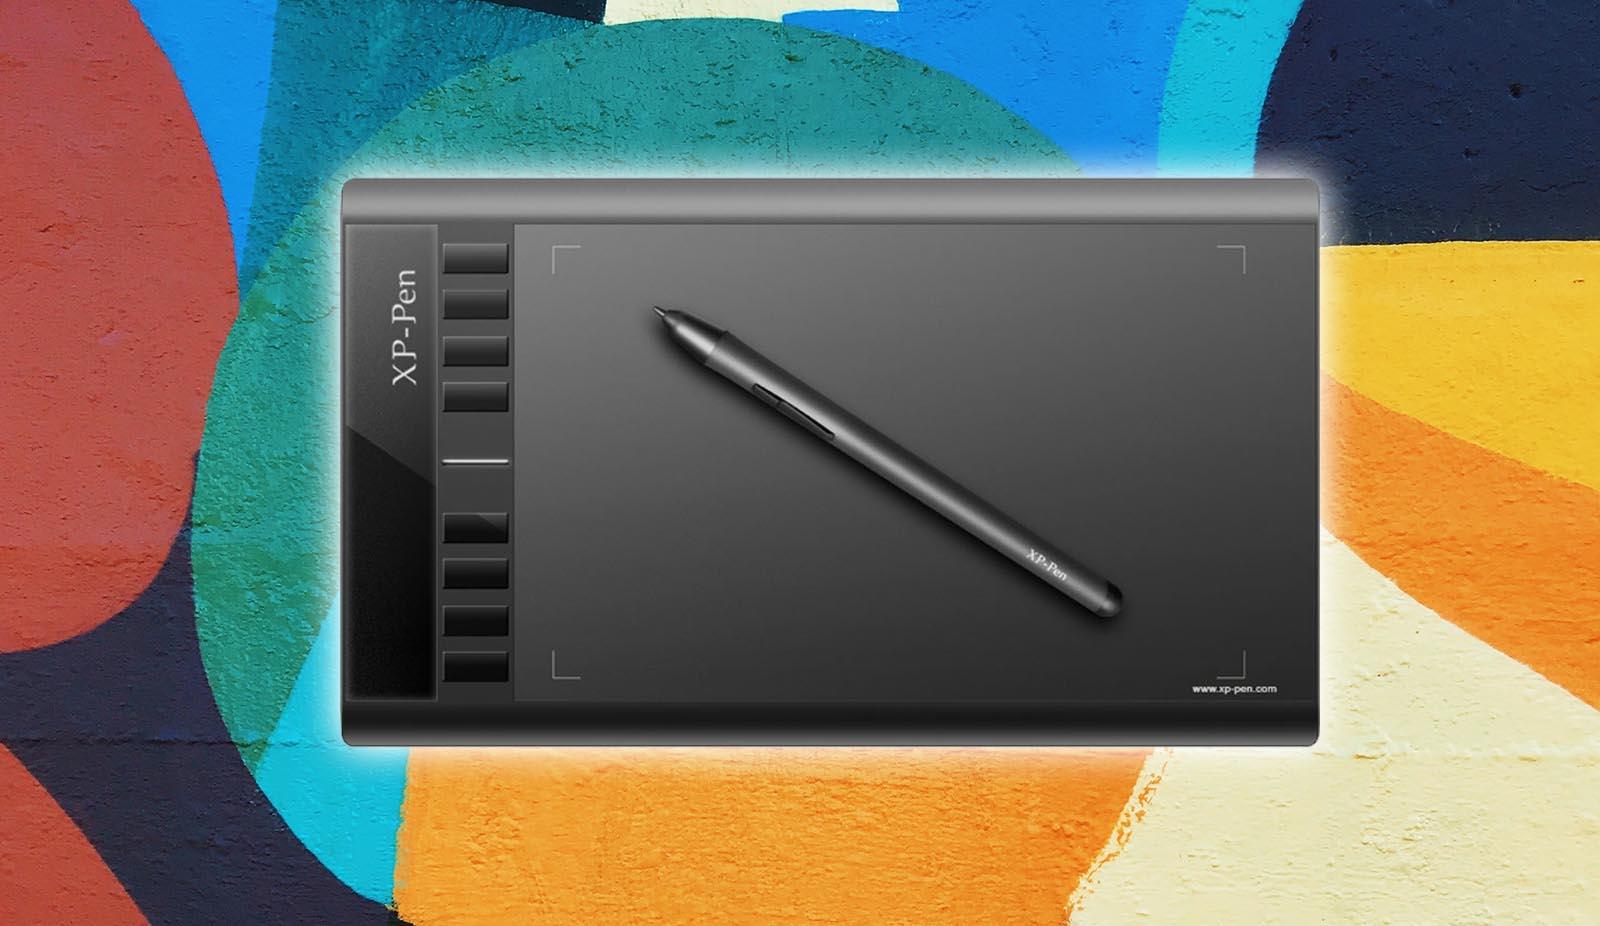 tablette graphique xp pen star03 meilleur rapport. Black Bedroom Furniture Sets. Home Design Ideas